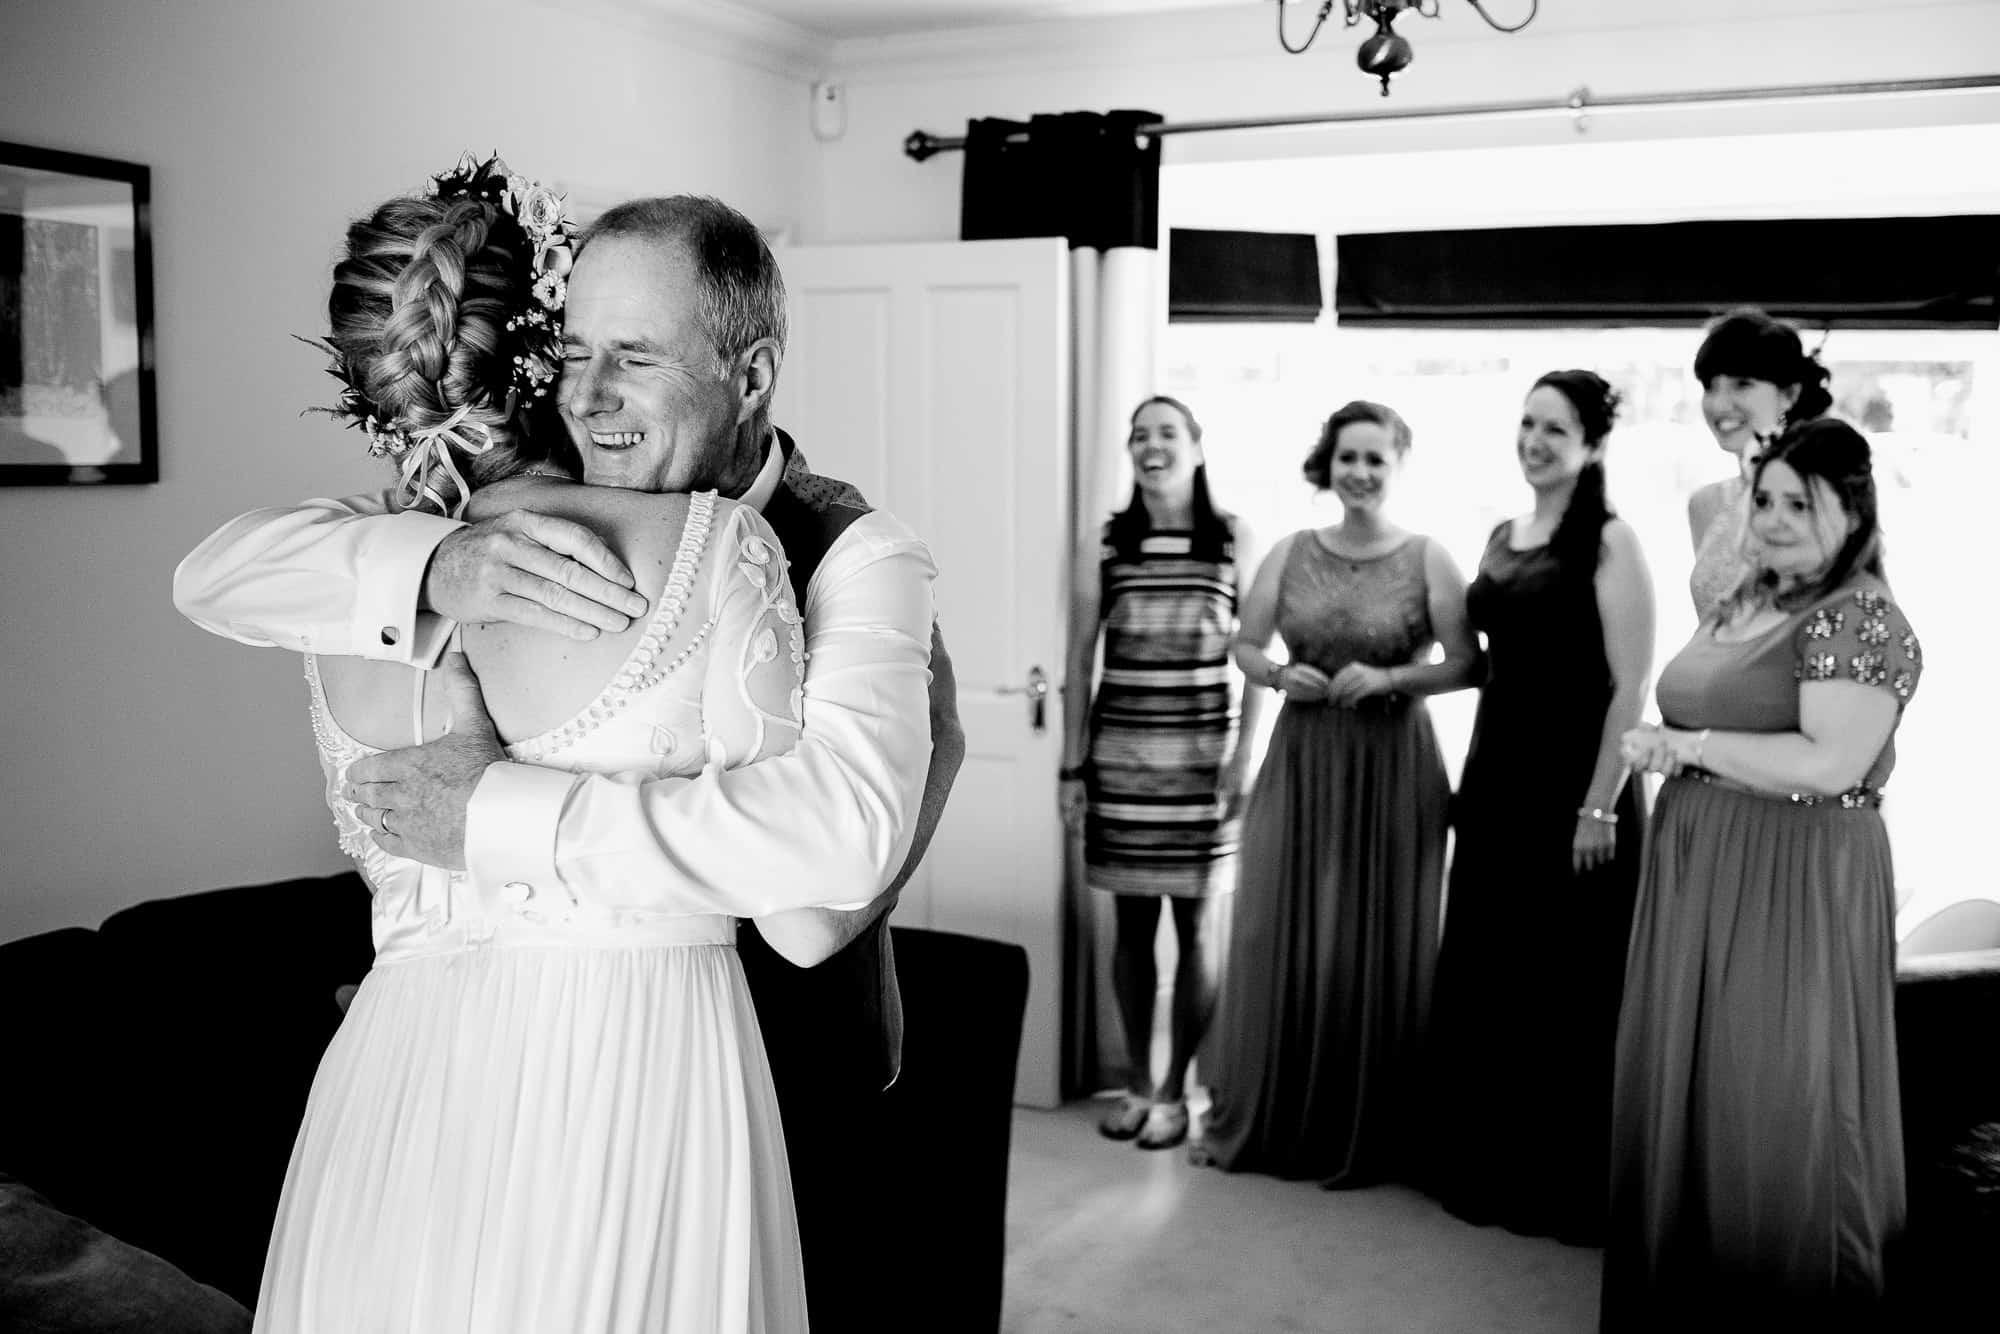 east-quay-wedding-photography-matt-tyler-0014